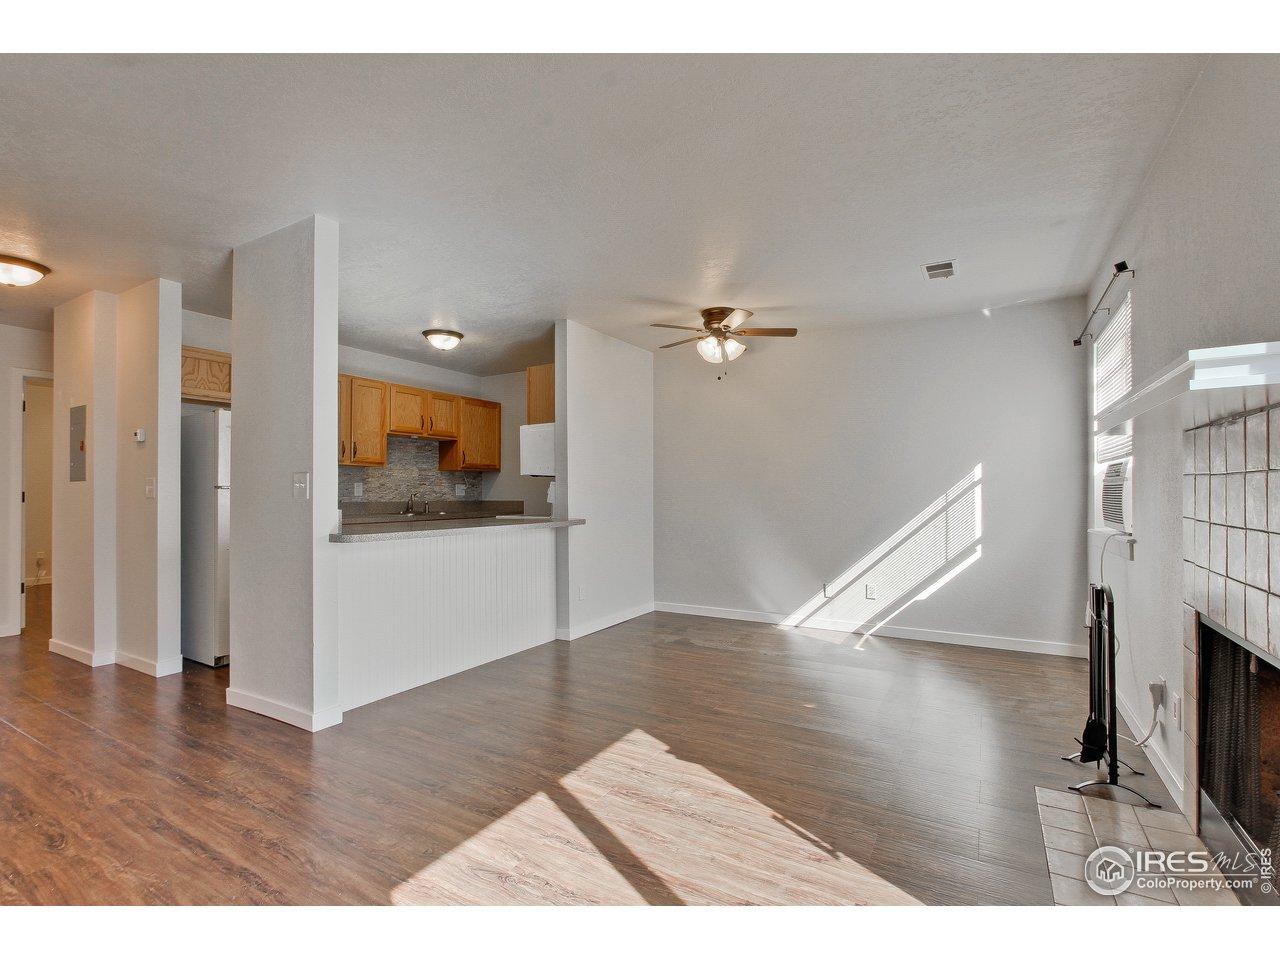 225 E 8th Ave C-12, Longmont CO 80504